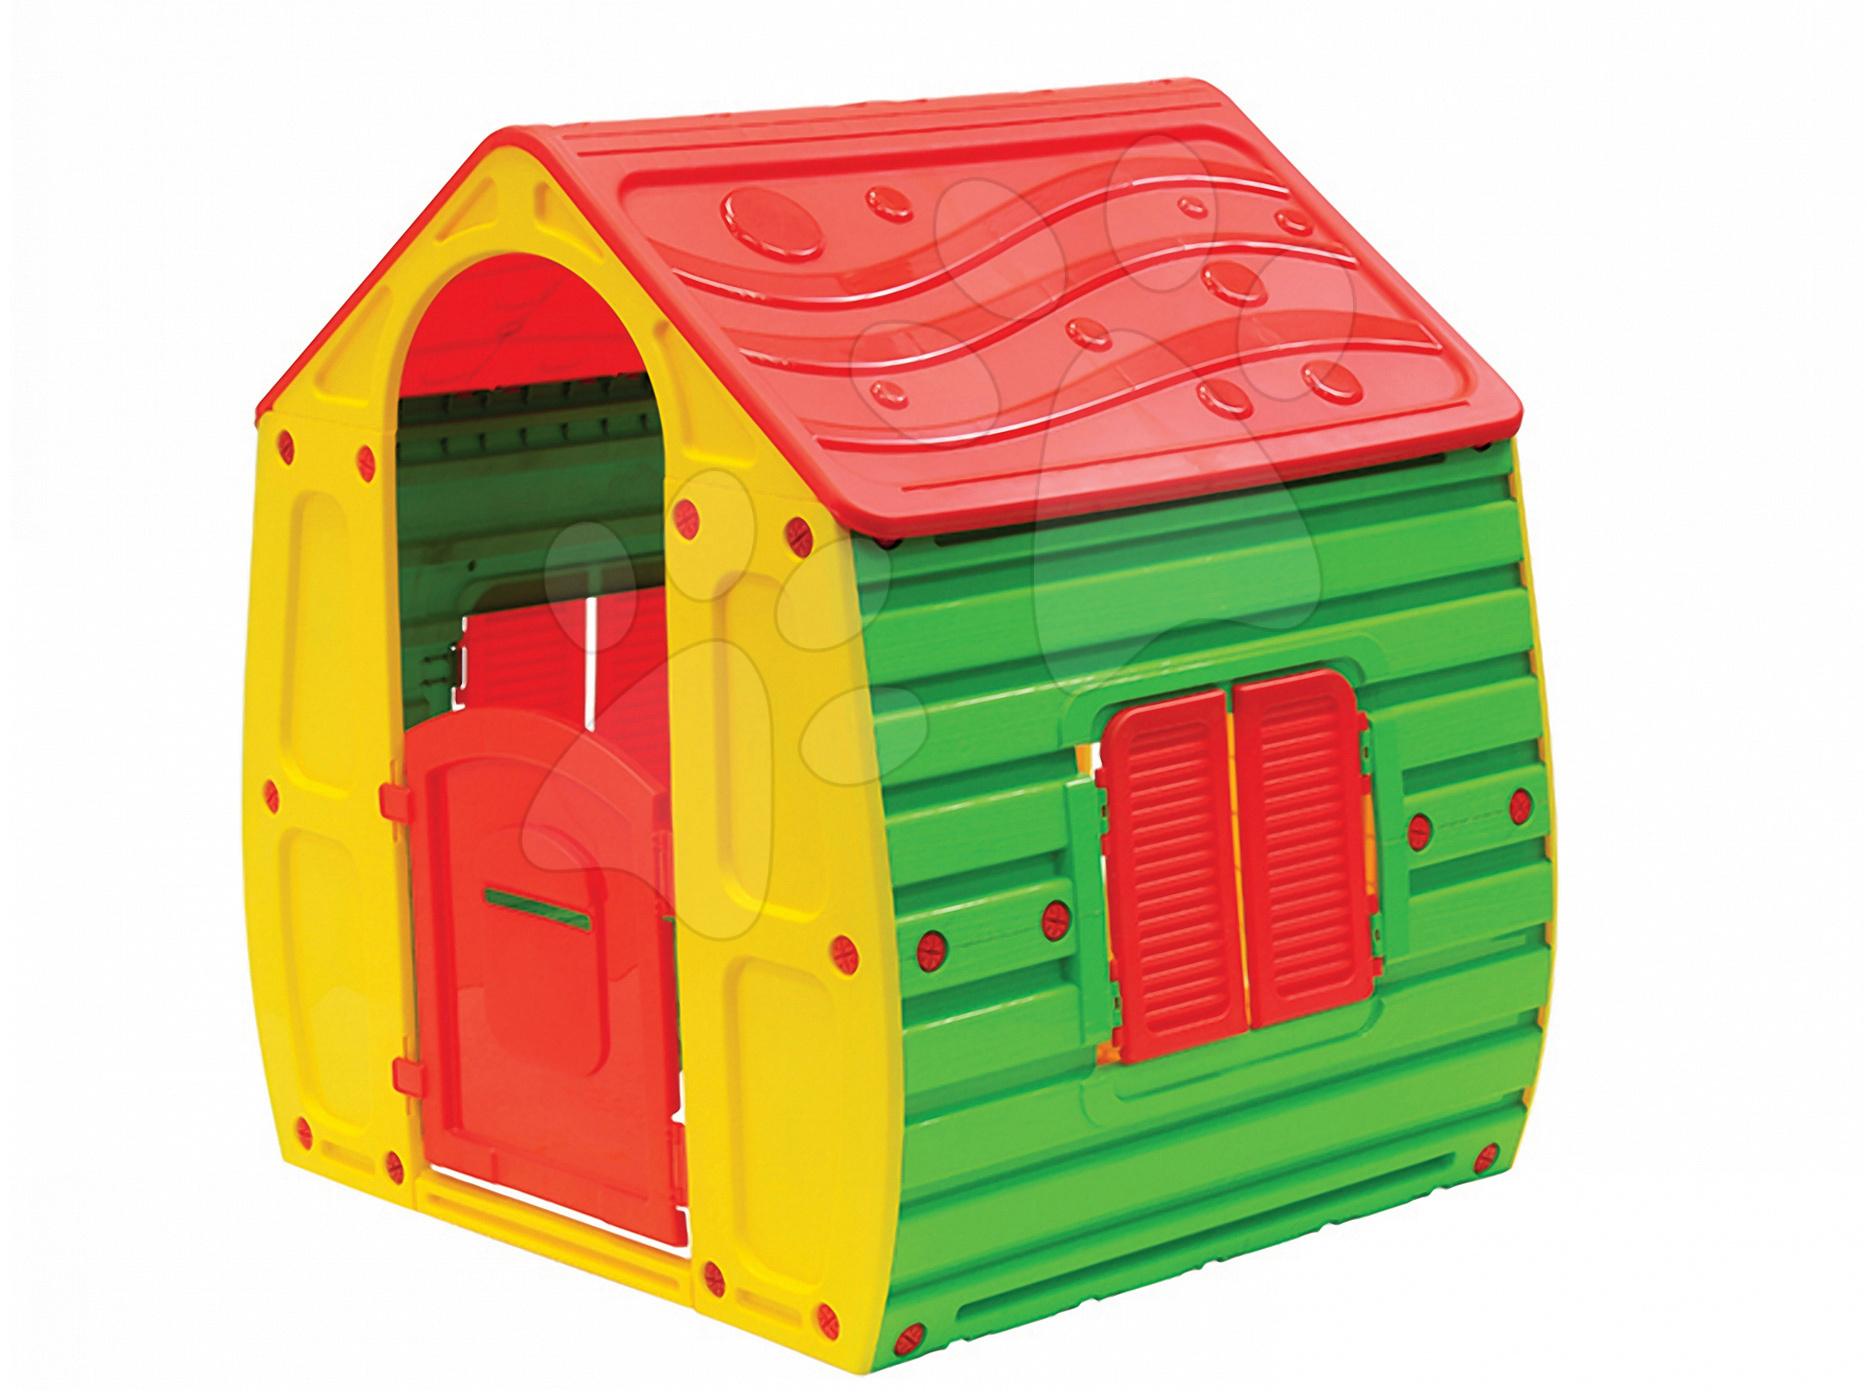 Domeček New Fairy House Starplast zeleno-žlutý od 24 měsíců